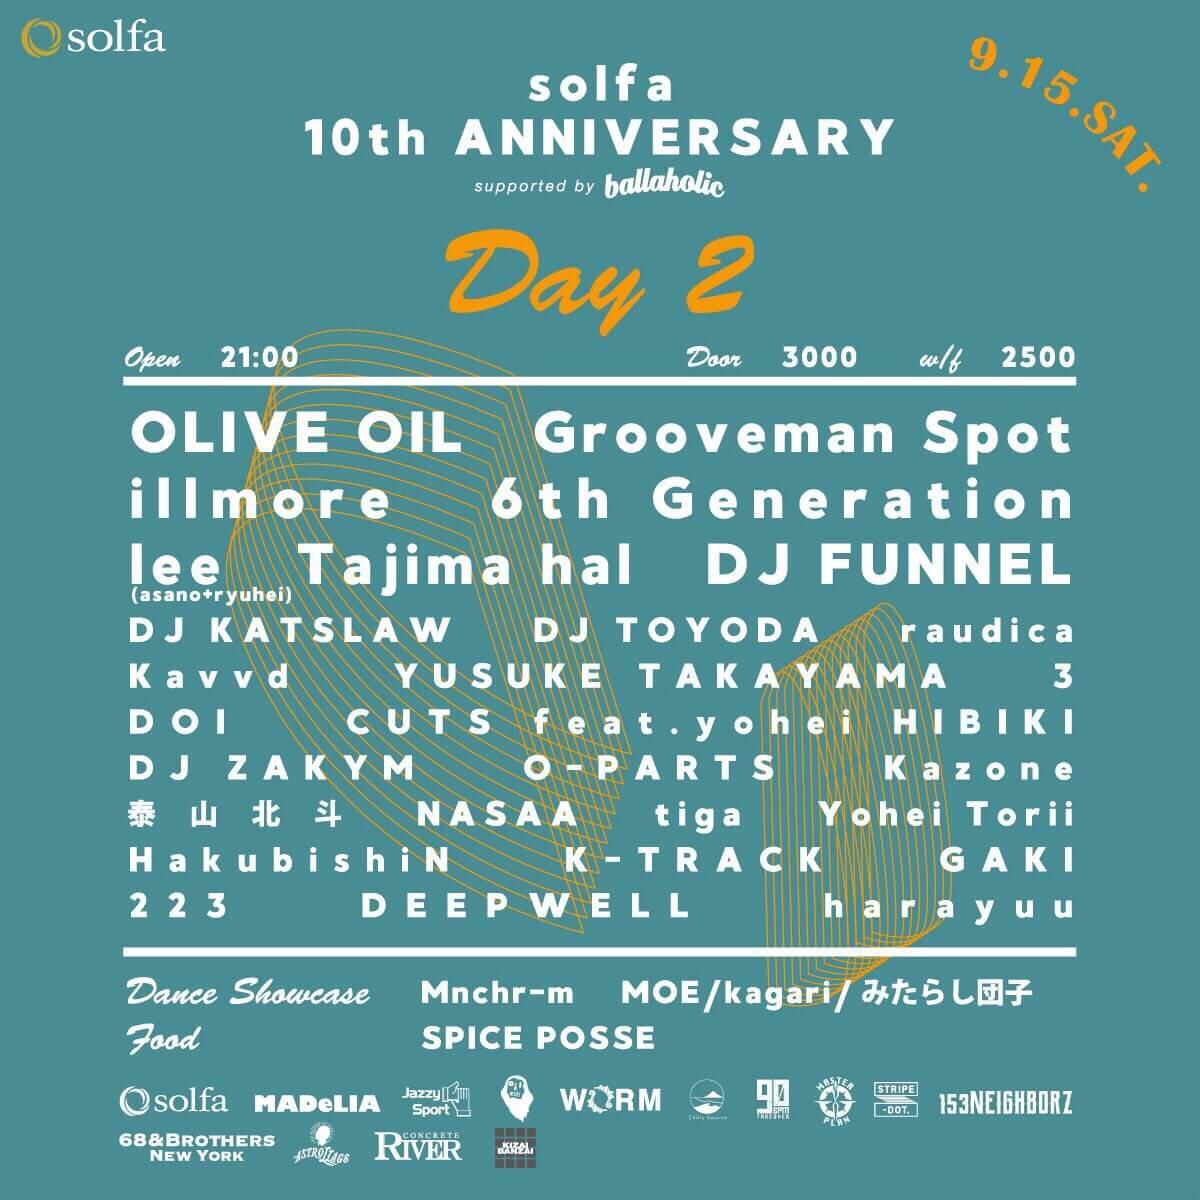 中目黒solfaの10周年アニバーサリーイベントが4日間に渡り開催|FNCYやGonno、OLIVE OIL、Chilly Sourceらが登場 music180906-solfa-10th-anniversary-2